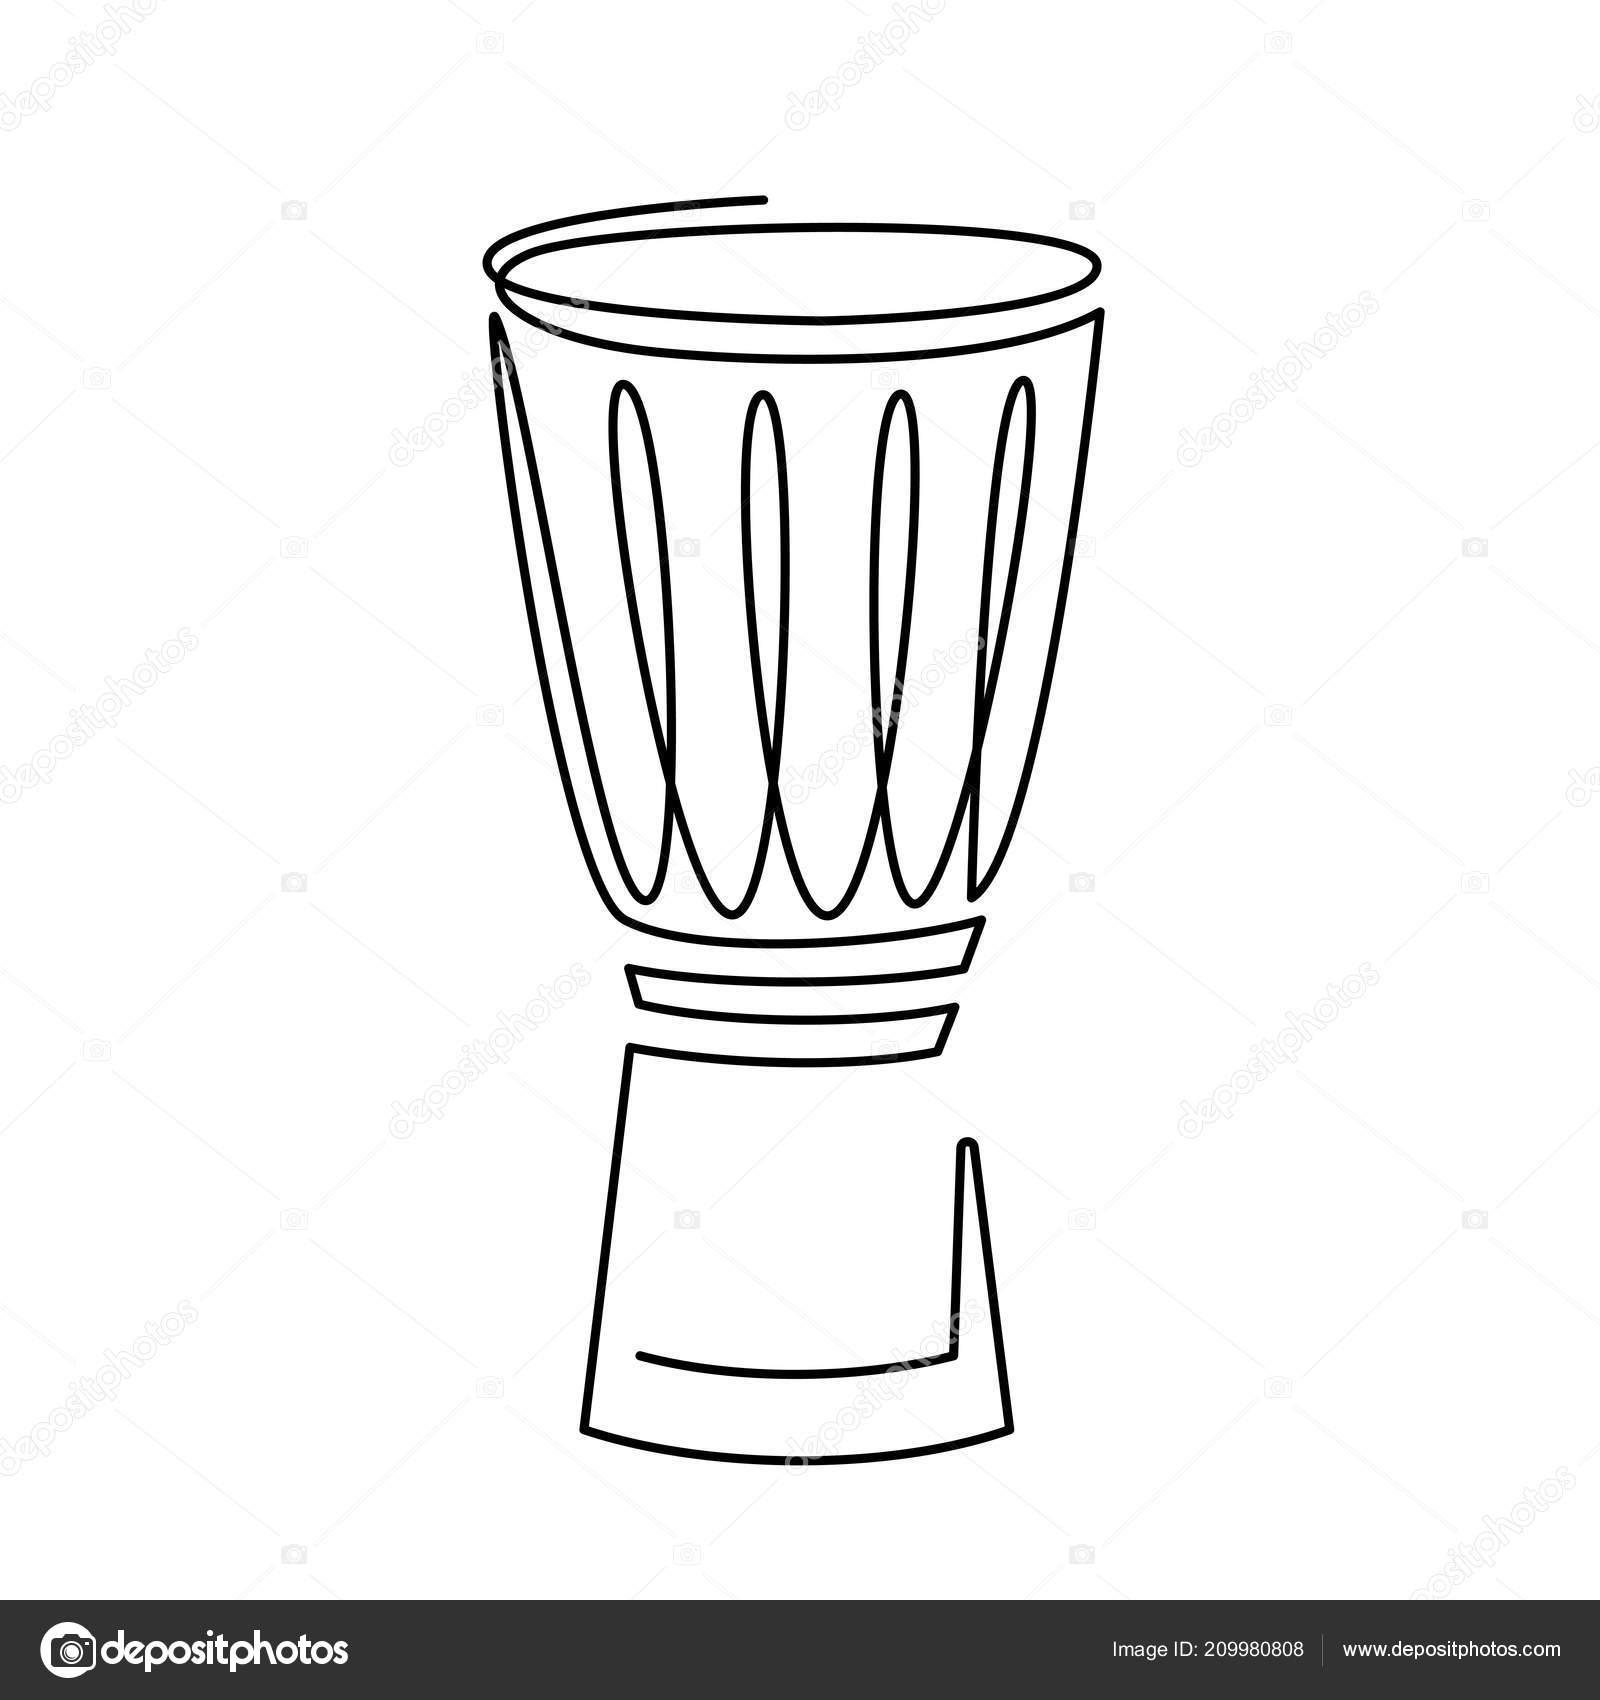 línea continua dibujo de icono de vector de tambor de la trampa